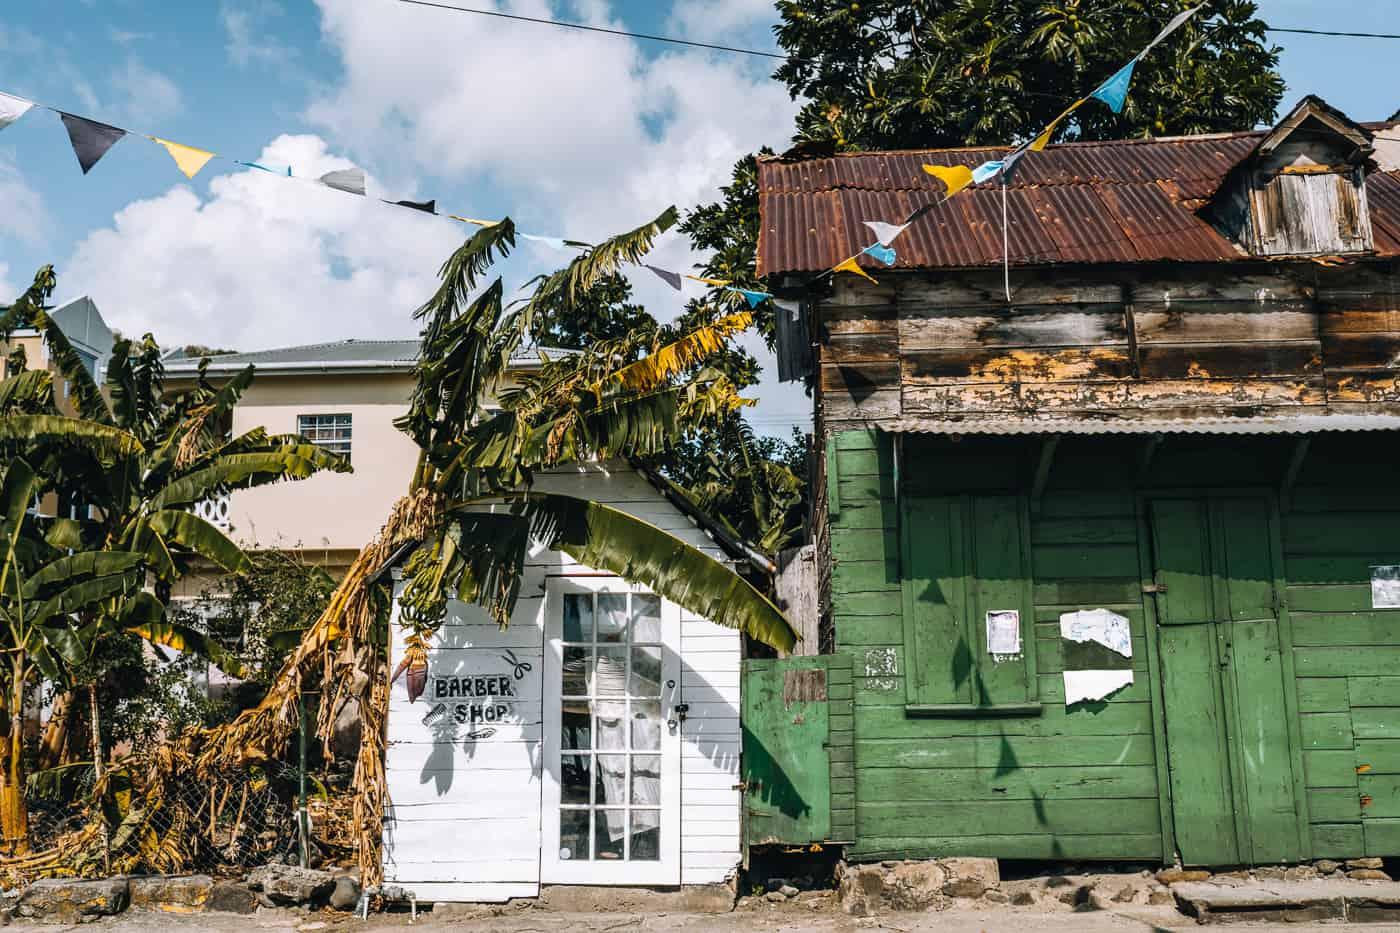 Saint Lucia - Tipps, Sehenswürdigkeiten, Strände & Ausflugsziele auf der Karibik-Insel: Laborie